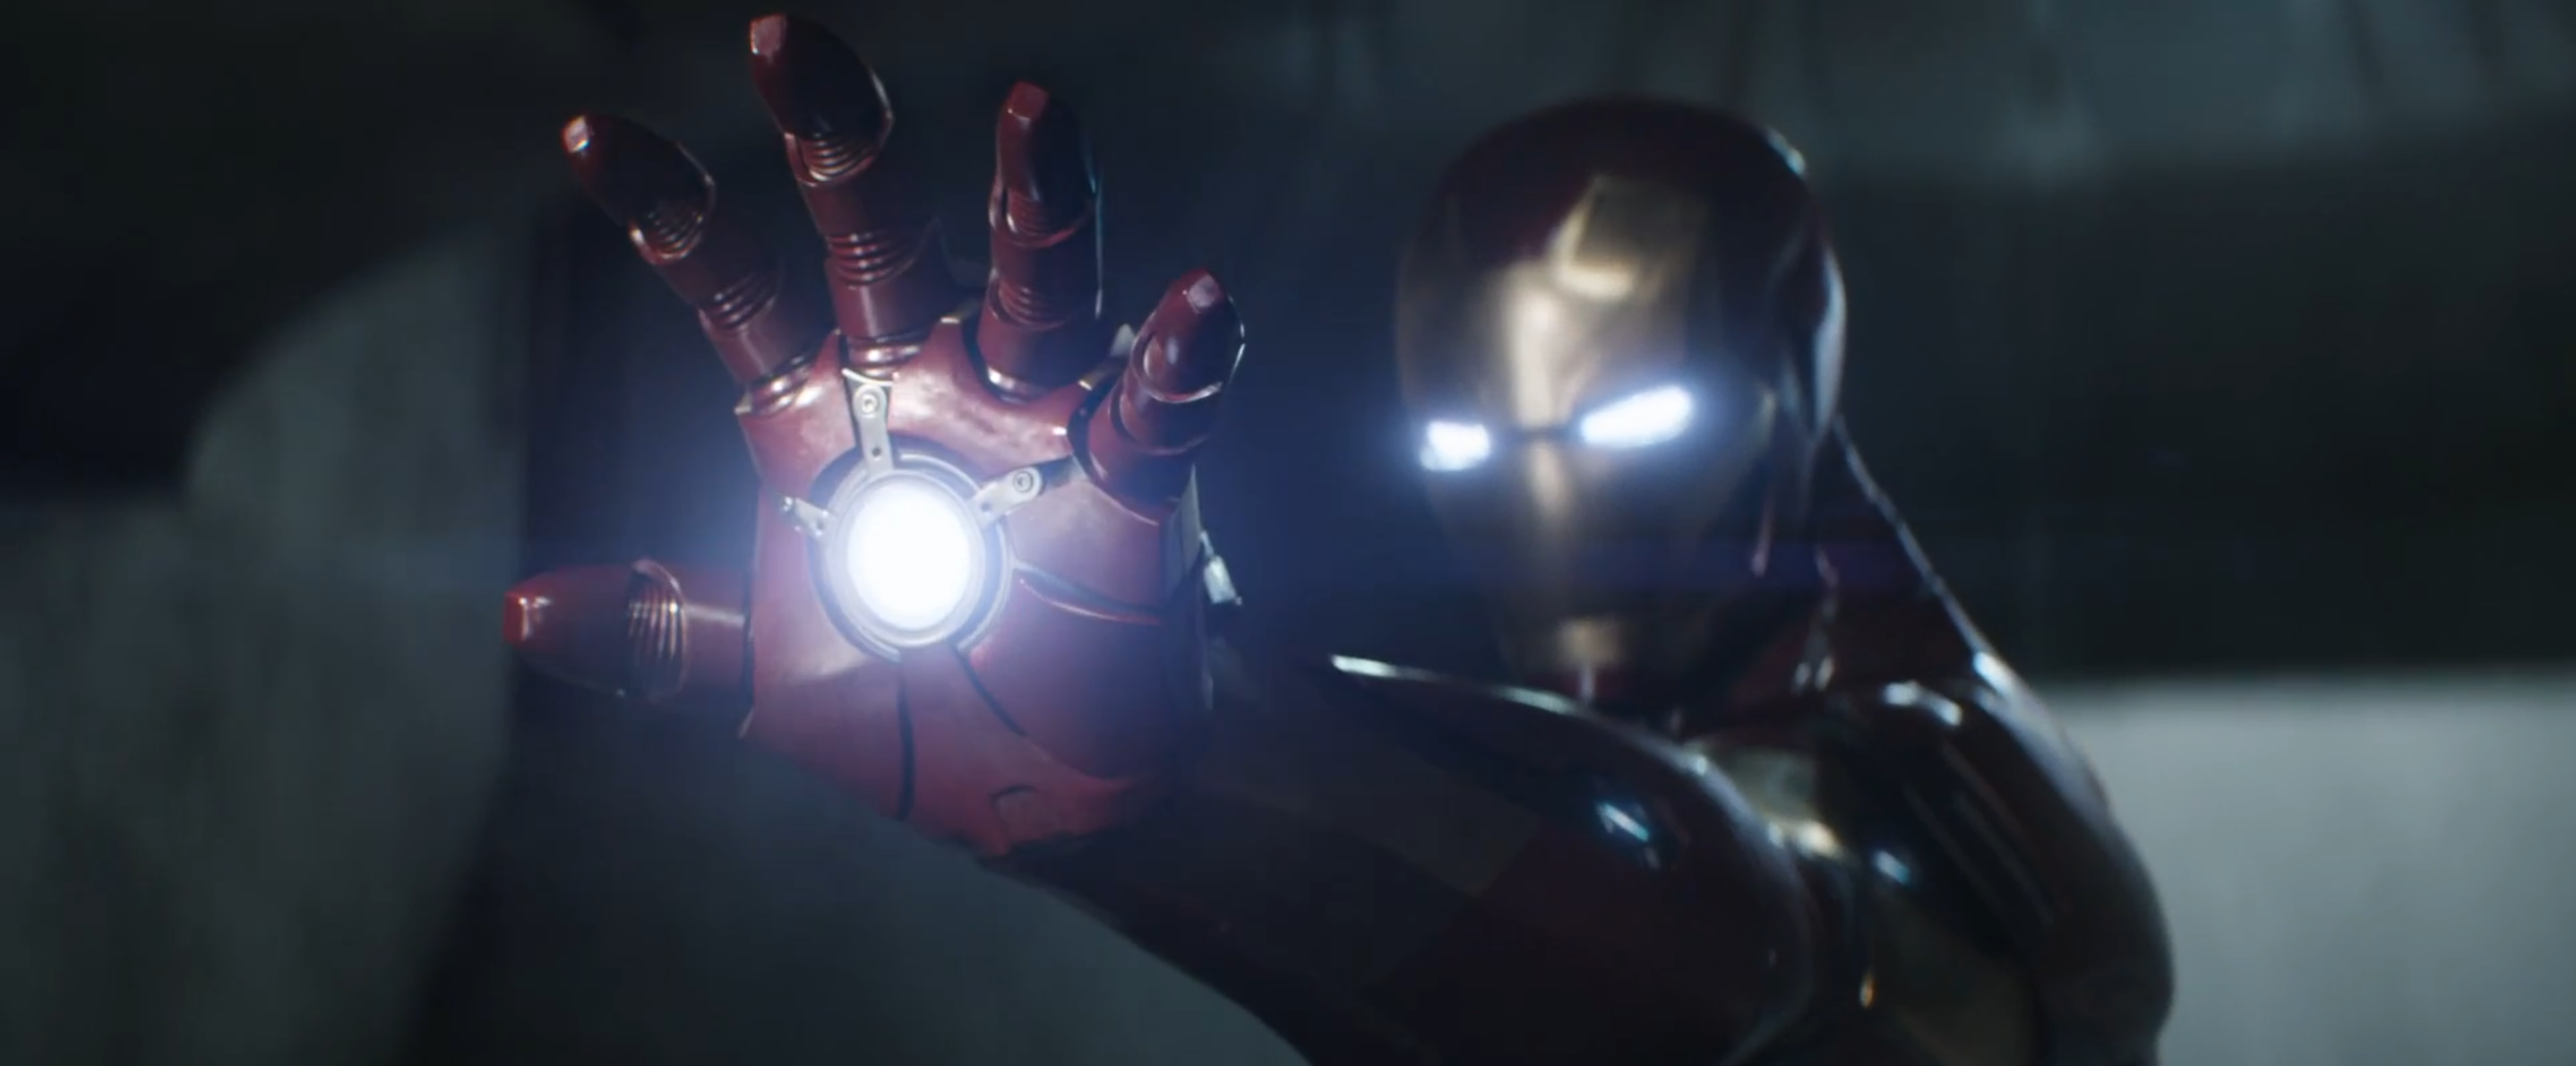 Captain America: Civil War: Iron Man nel trailer 2 del film